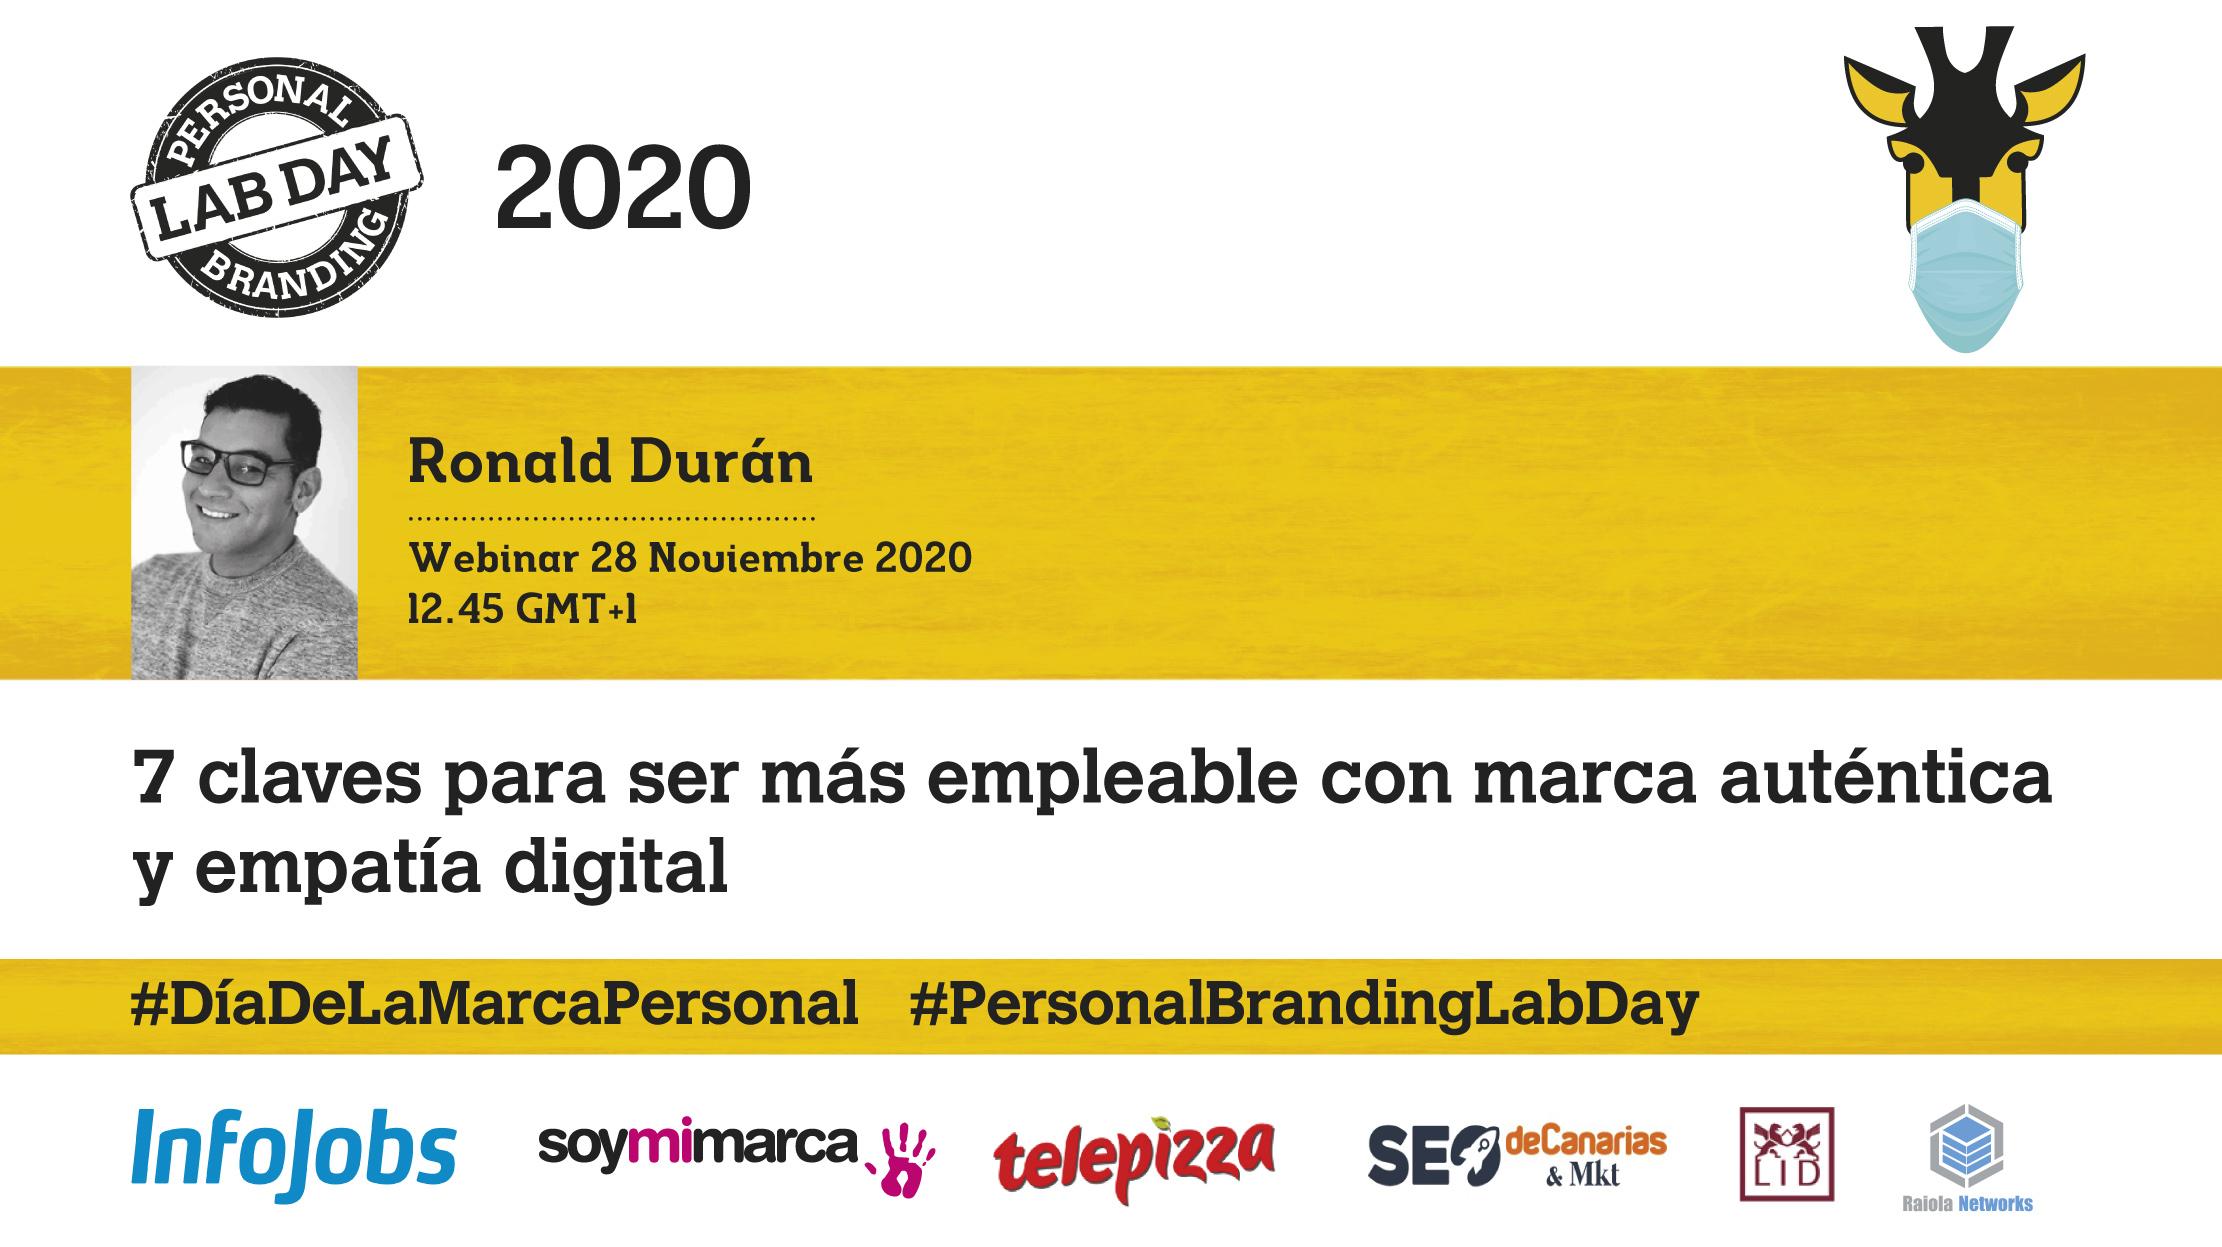 PBLabDay2020 Congrseo de Marca Personal 2020